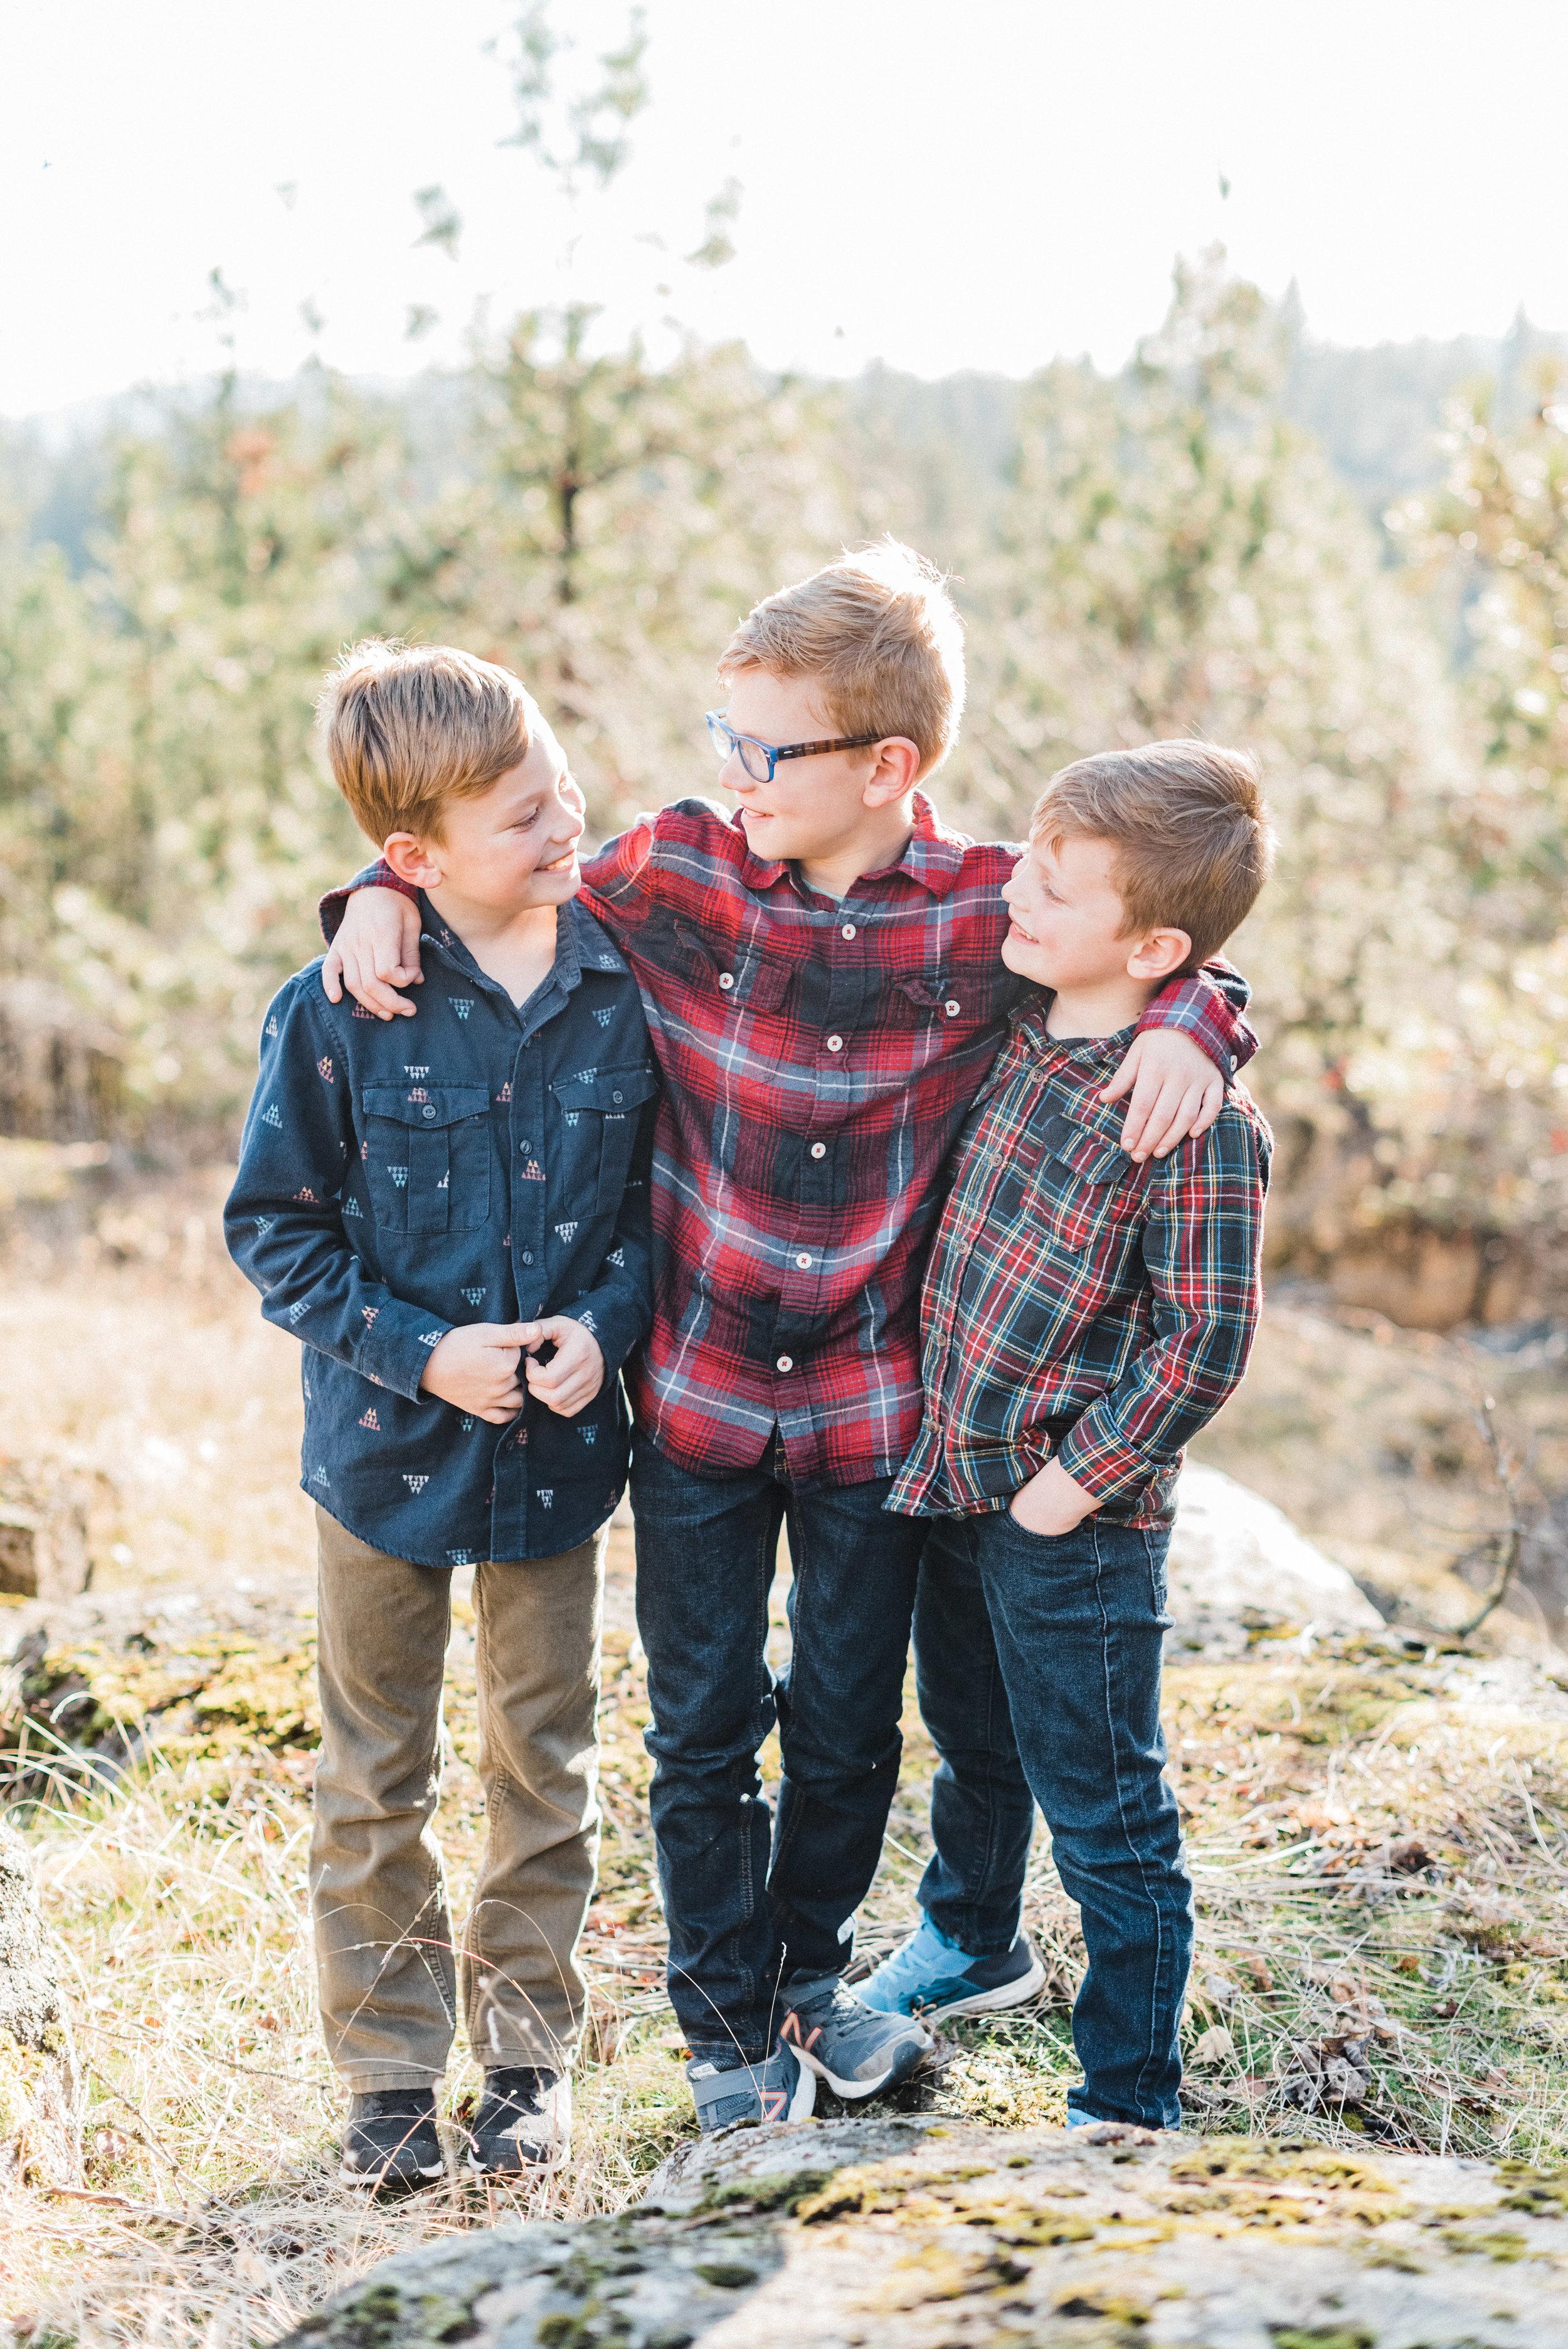 spokane_family_photographer_longmeier (2 of 19).jpg